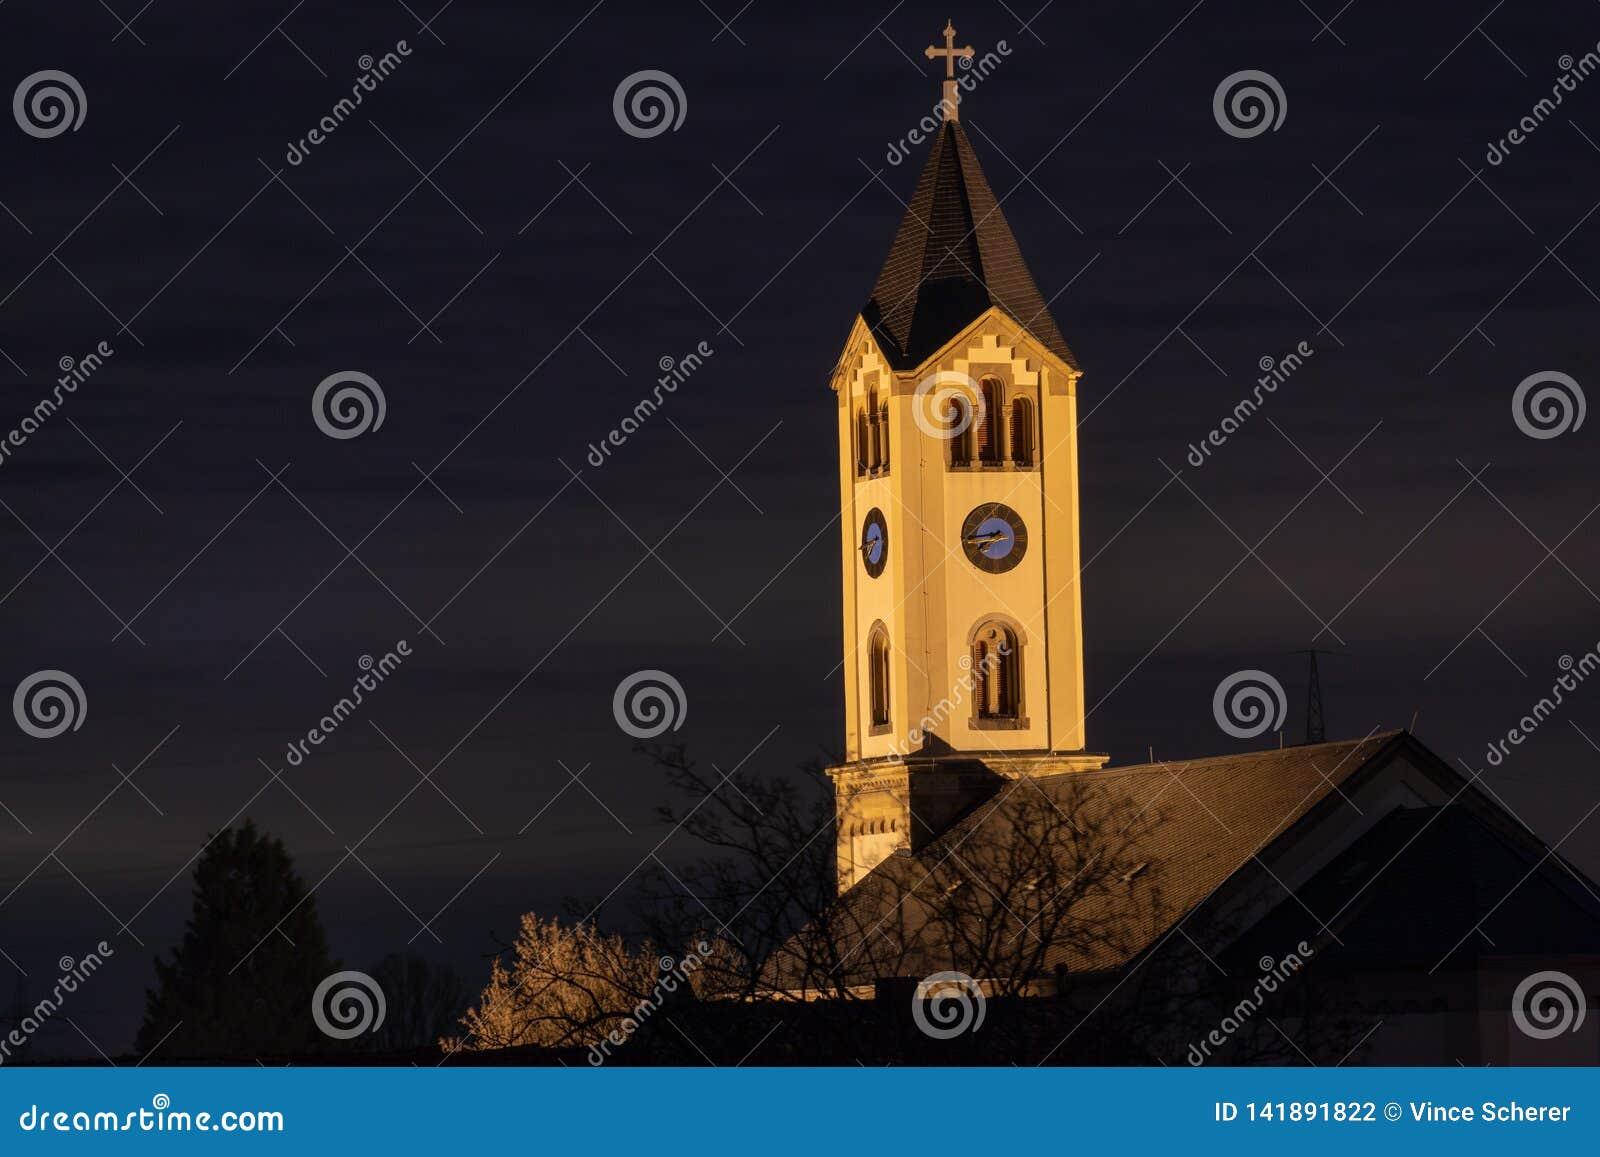 Alte Kirche - nachts in Frankenthal - Moersch Deutschland